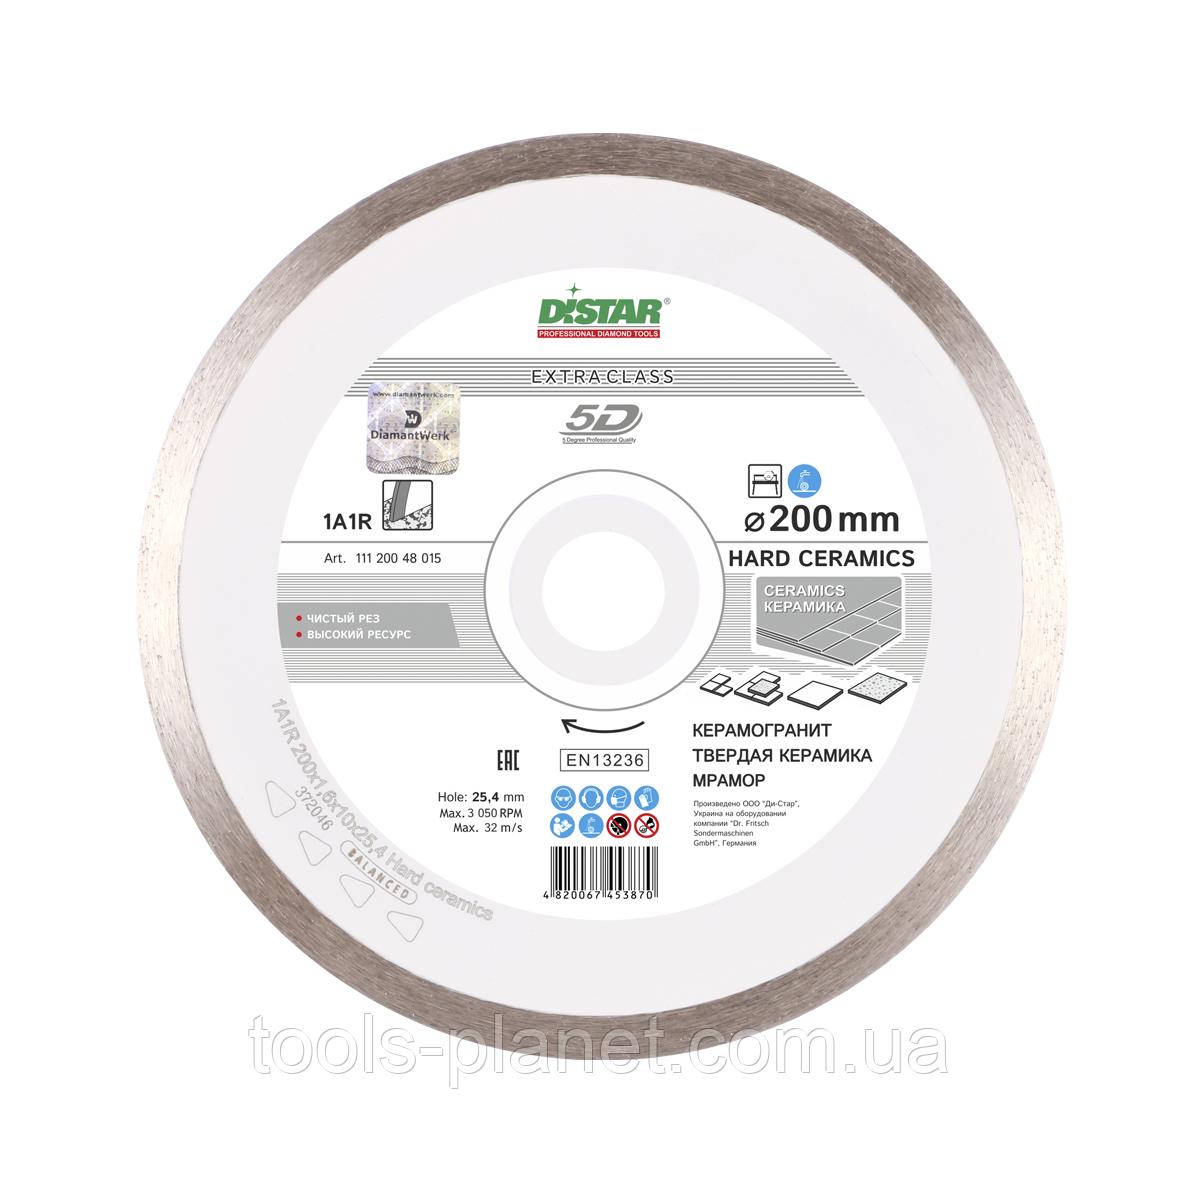 Алмазный диск Distar 1A1R 230 x 1,6 x 10 x 25,4 Hard Ceramics 5D (11120048017)